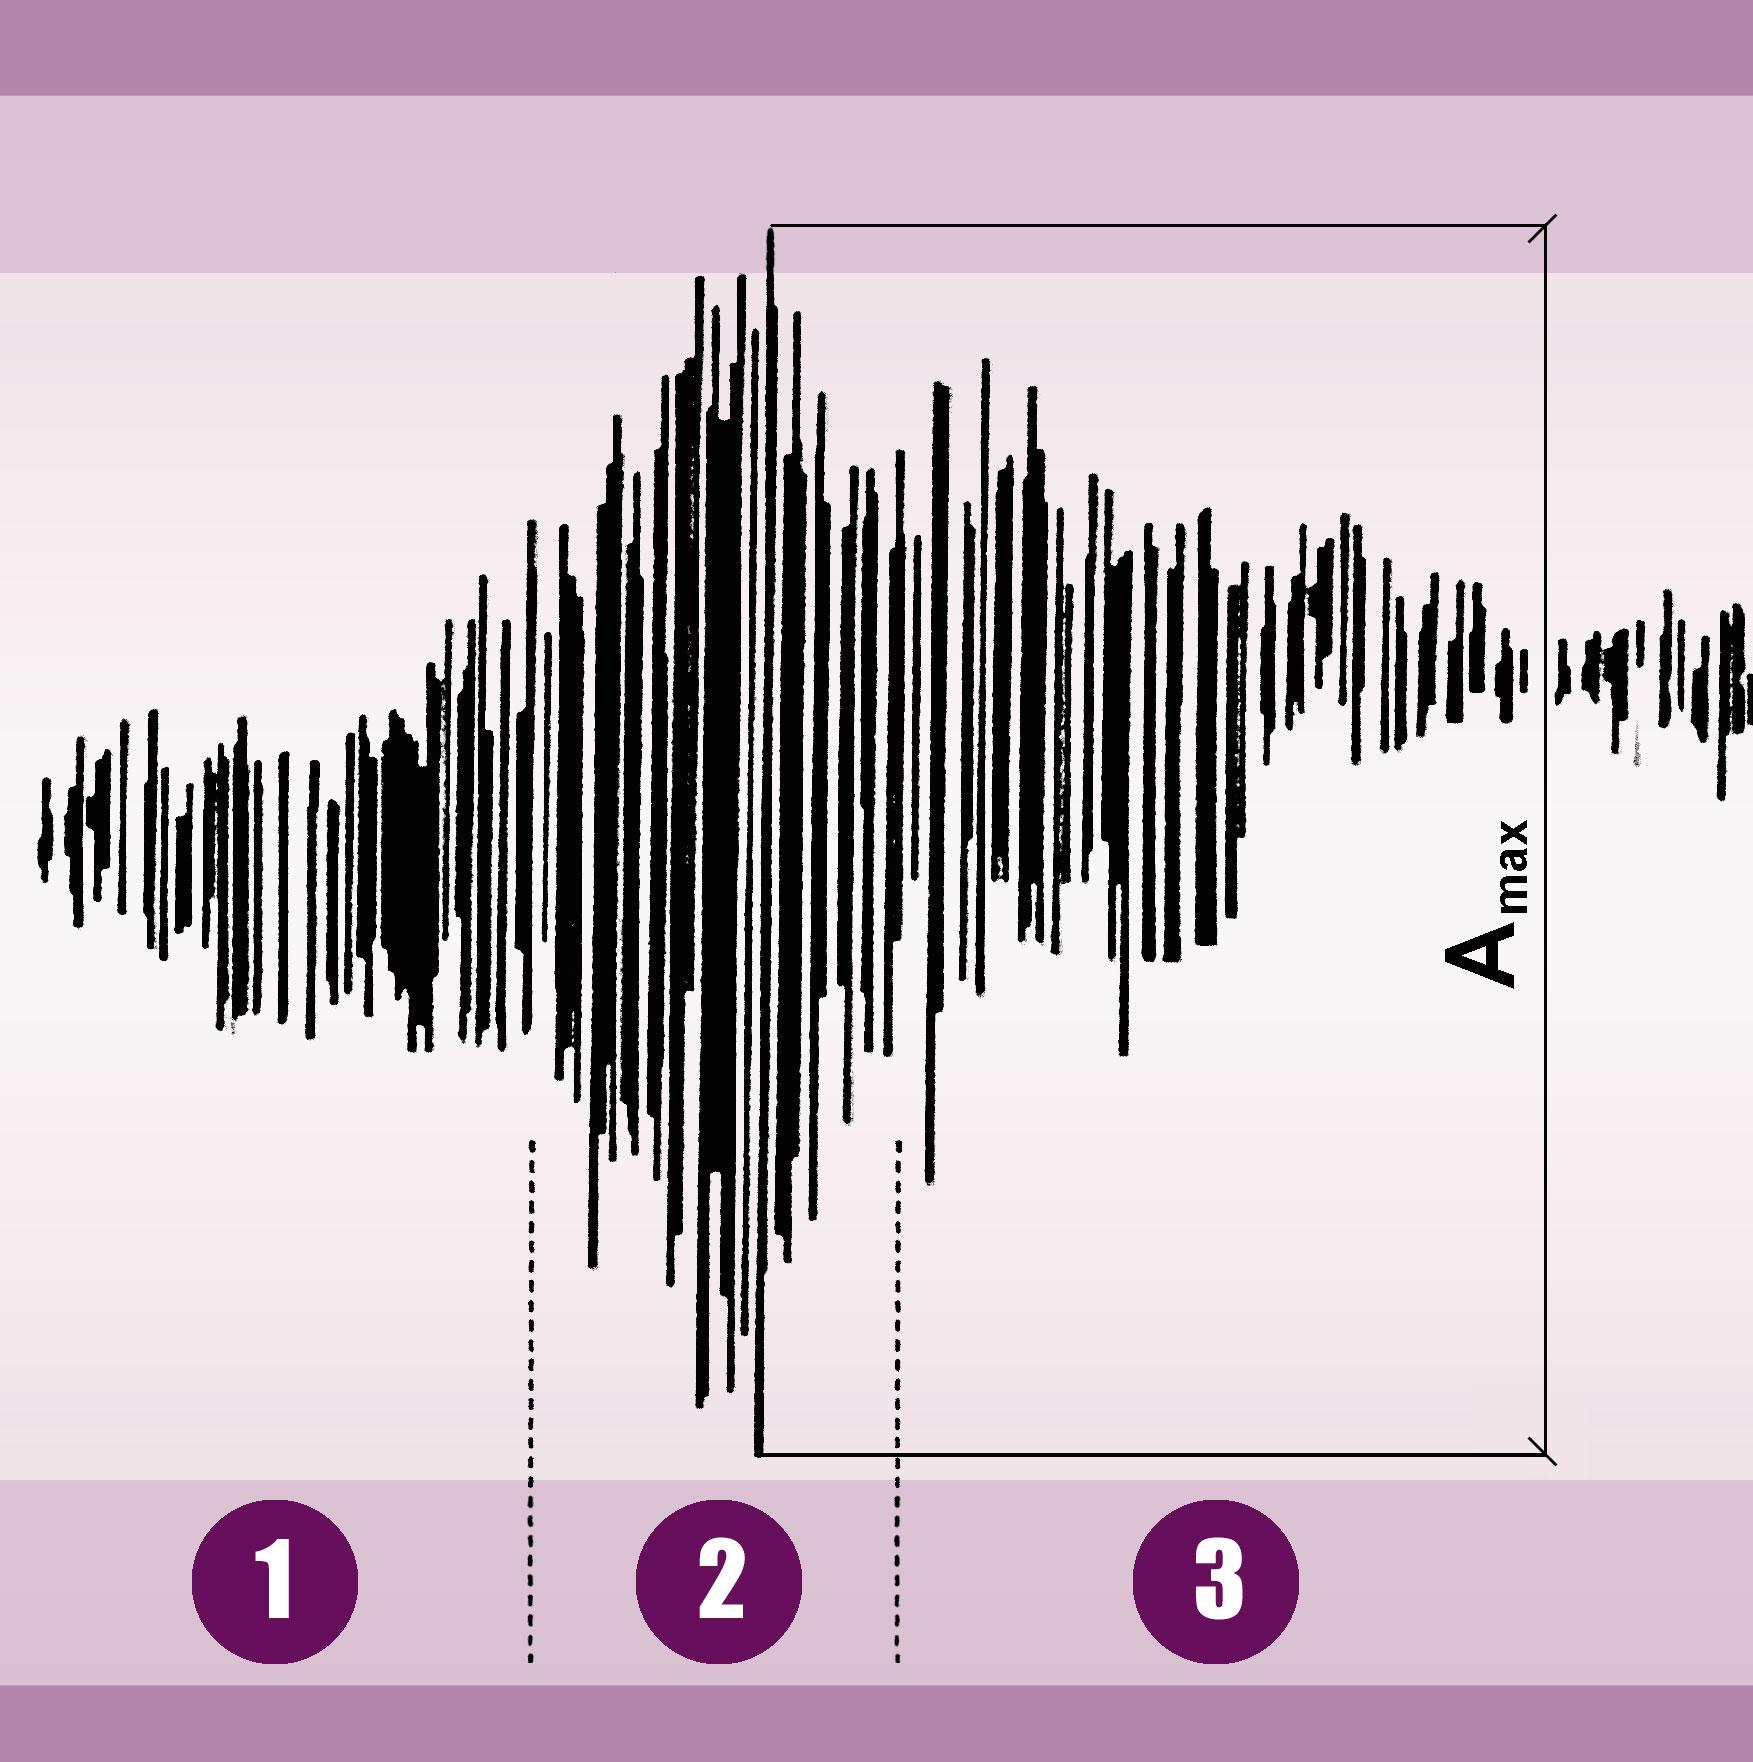 3. Przebieg drgań wymuszonych płyty stanowiska (nadwozia) wfunkcji czasu na stanowisku Shocktester (źródło: Boge/Sachs): 1 – faza rozpędzania, 2 – faza pomiaru, 3 – faza wybiegu